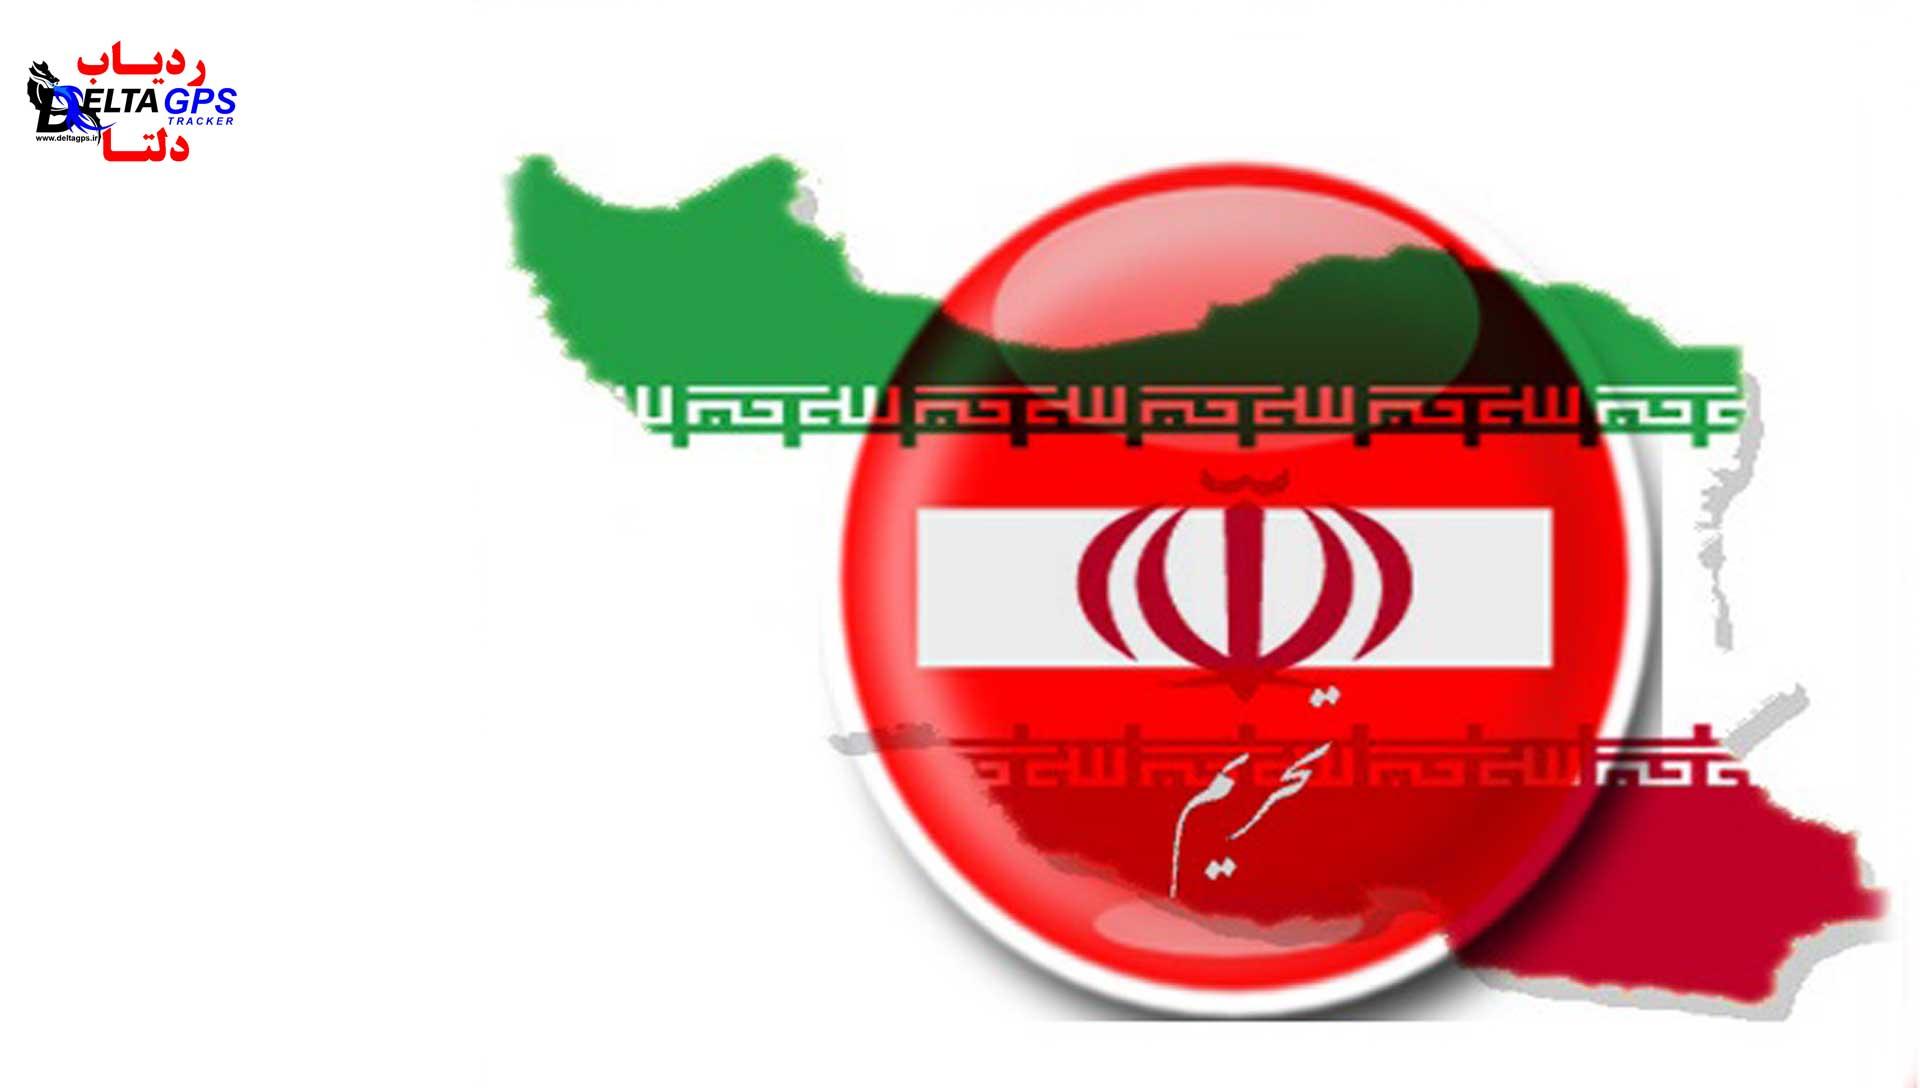 جی پی اس ردیاب ایرانی یا خارجی